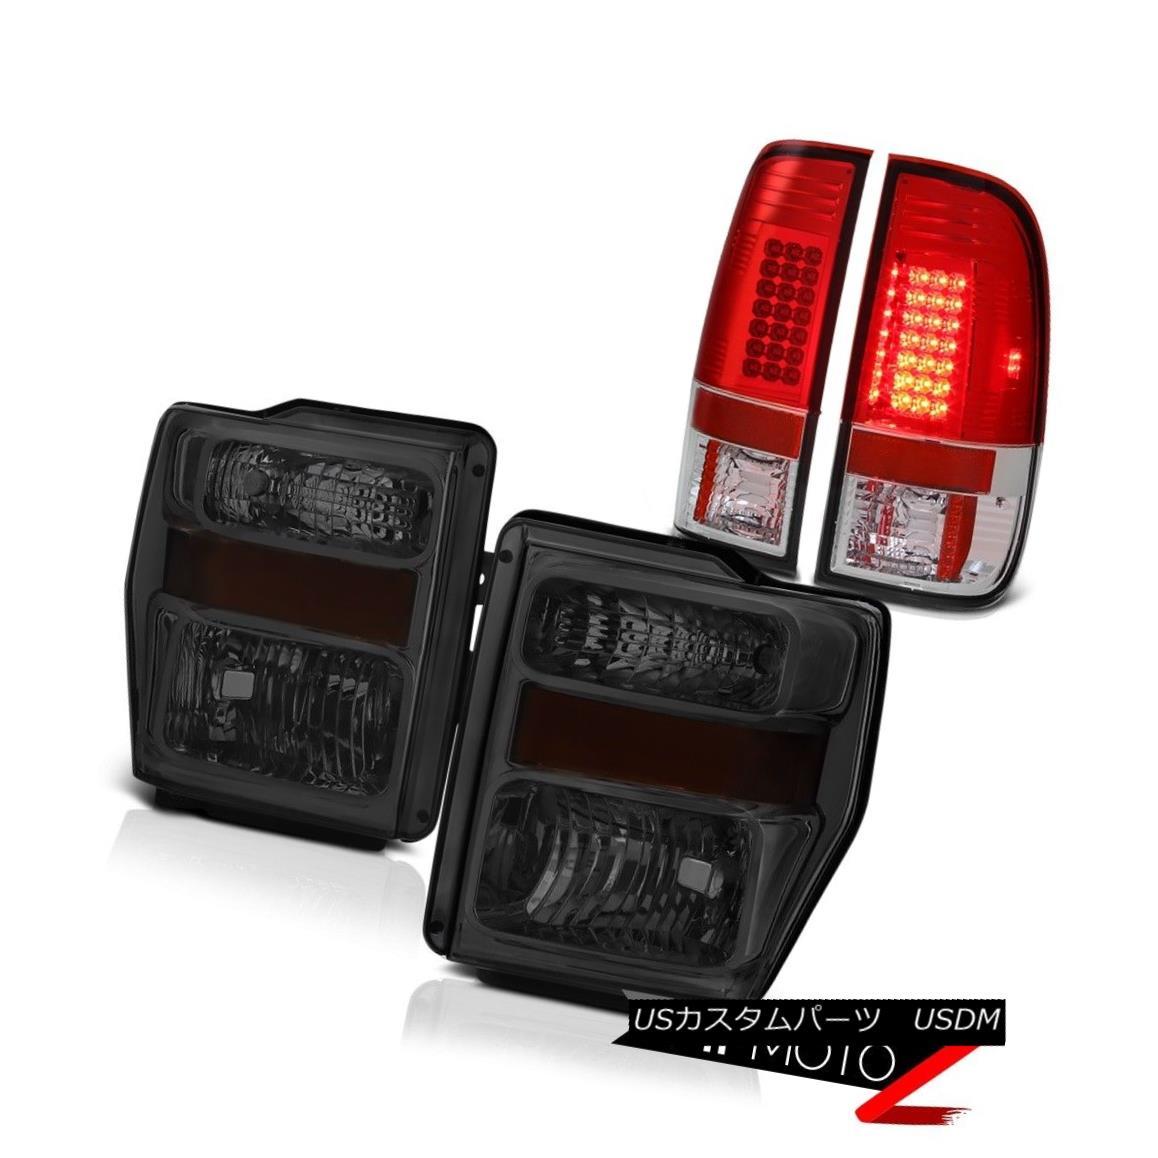 テールライト FORD 08-10 F250 F350 SD Red LED Brake Tail Lamp Front Smoke Headlights Headlamps フォード08-10 F250 F350 SDレッドLEDブレーキテールランプフロントスモークヘッドライトヘッドランプ